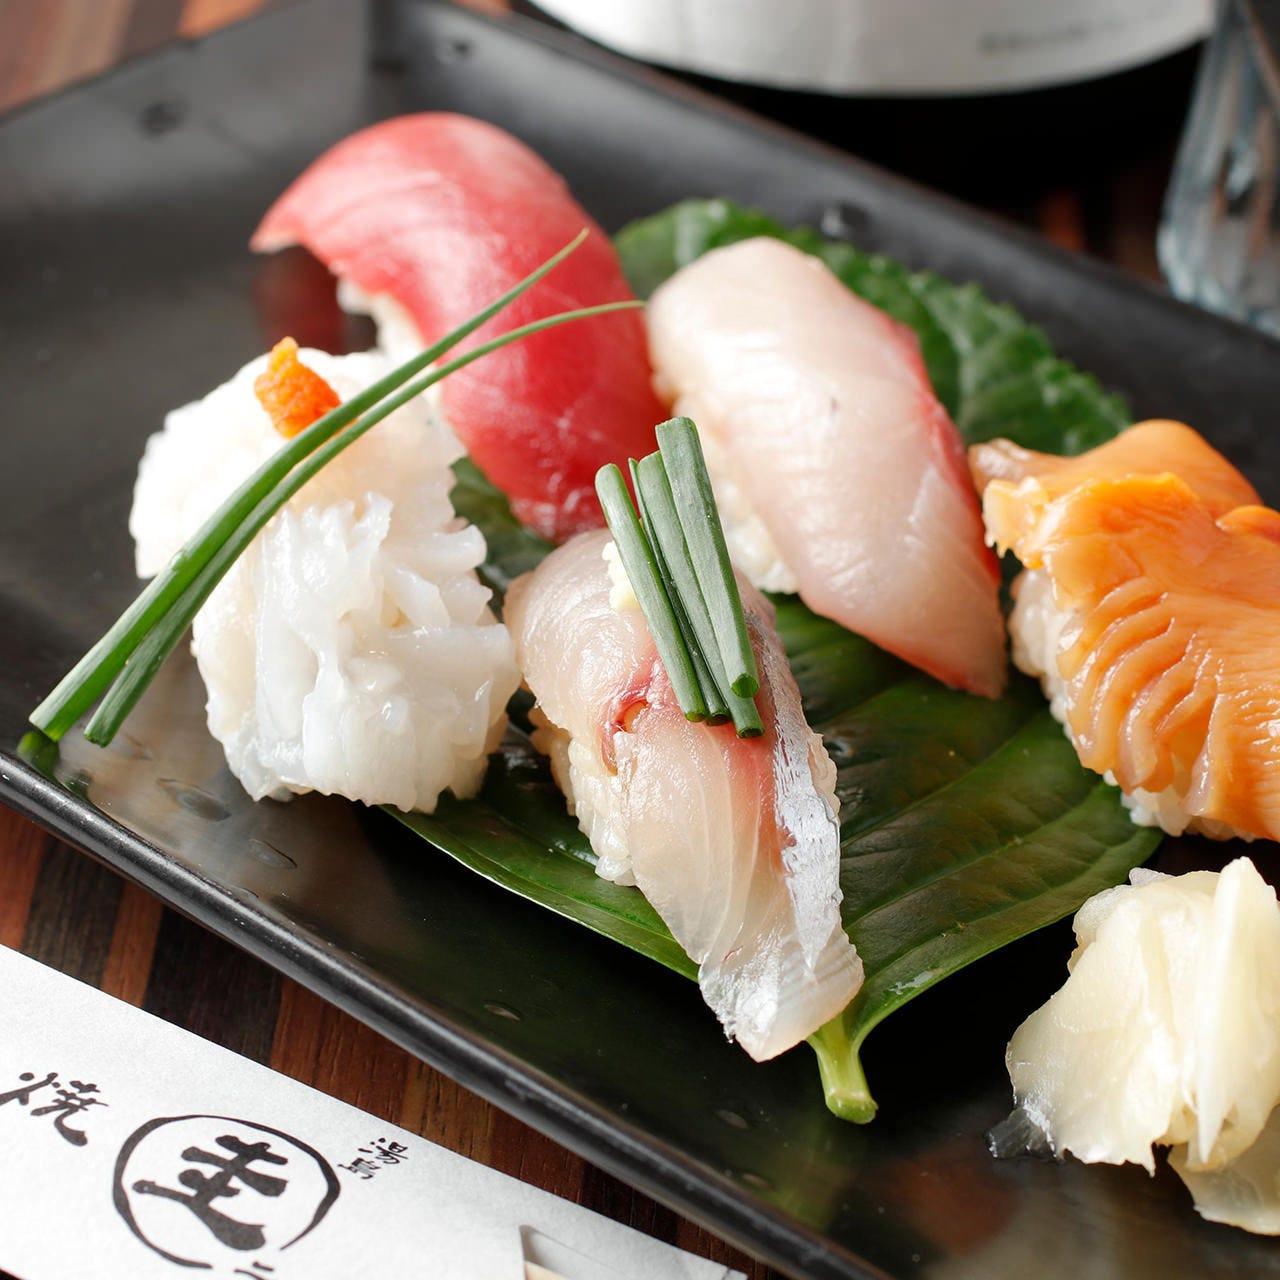 赤酢の香りのシャリが魚介の旨味を引き出し、口の中が幸せに♪